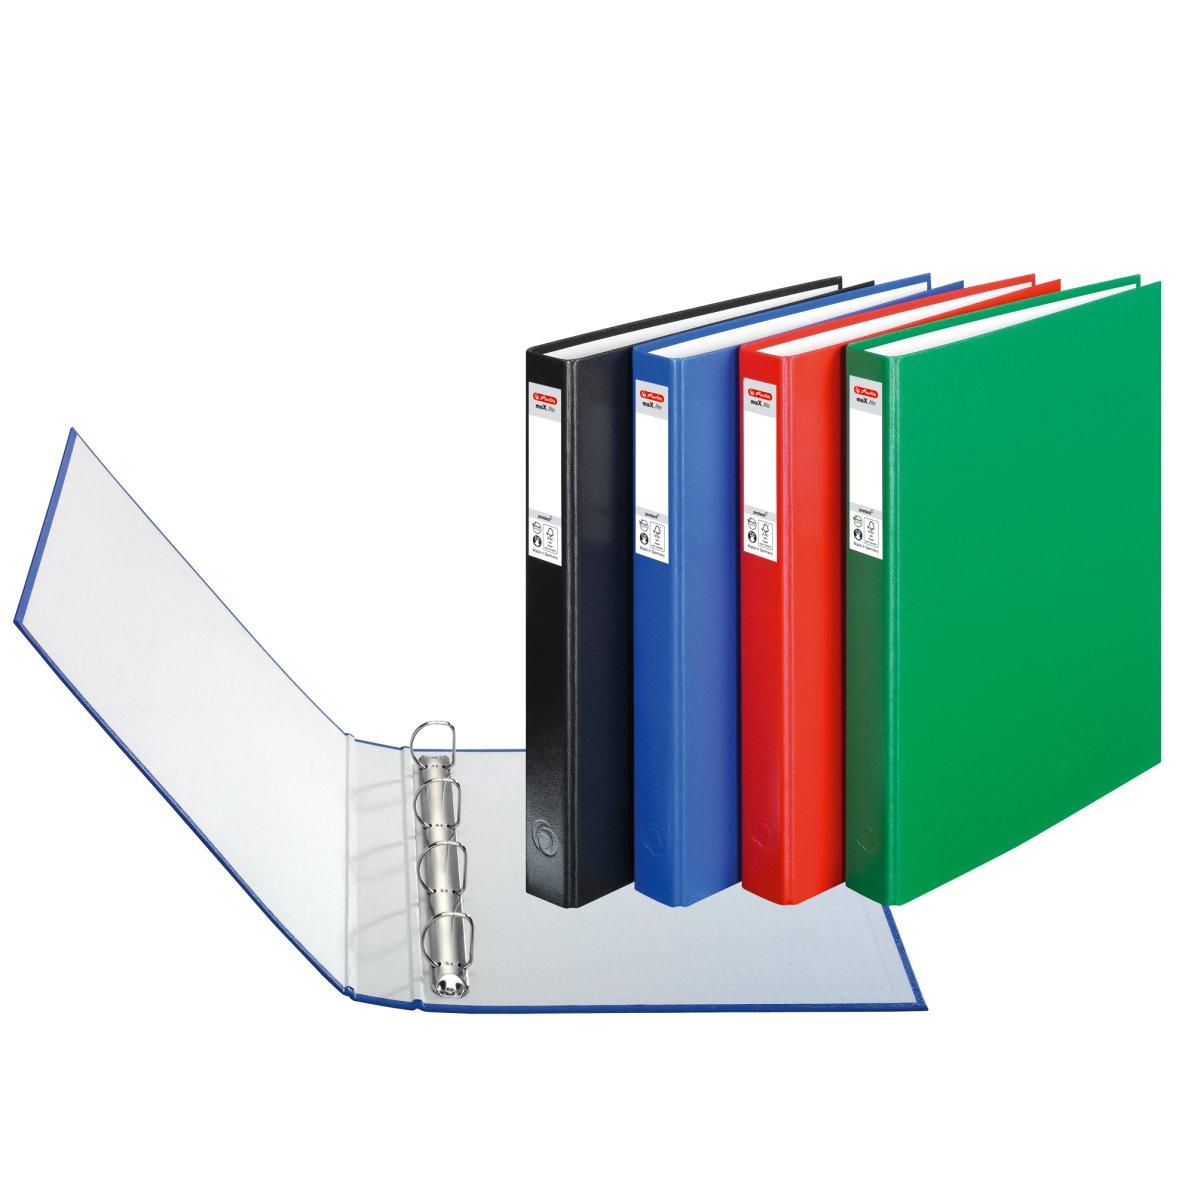 Vorschau: Herlitz maX.file - A4 - Halteöse - Lagerung - Schwarz - Blau - Grün - Rot - Weiß - 2,5 cm